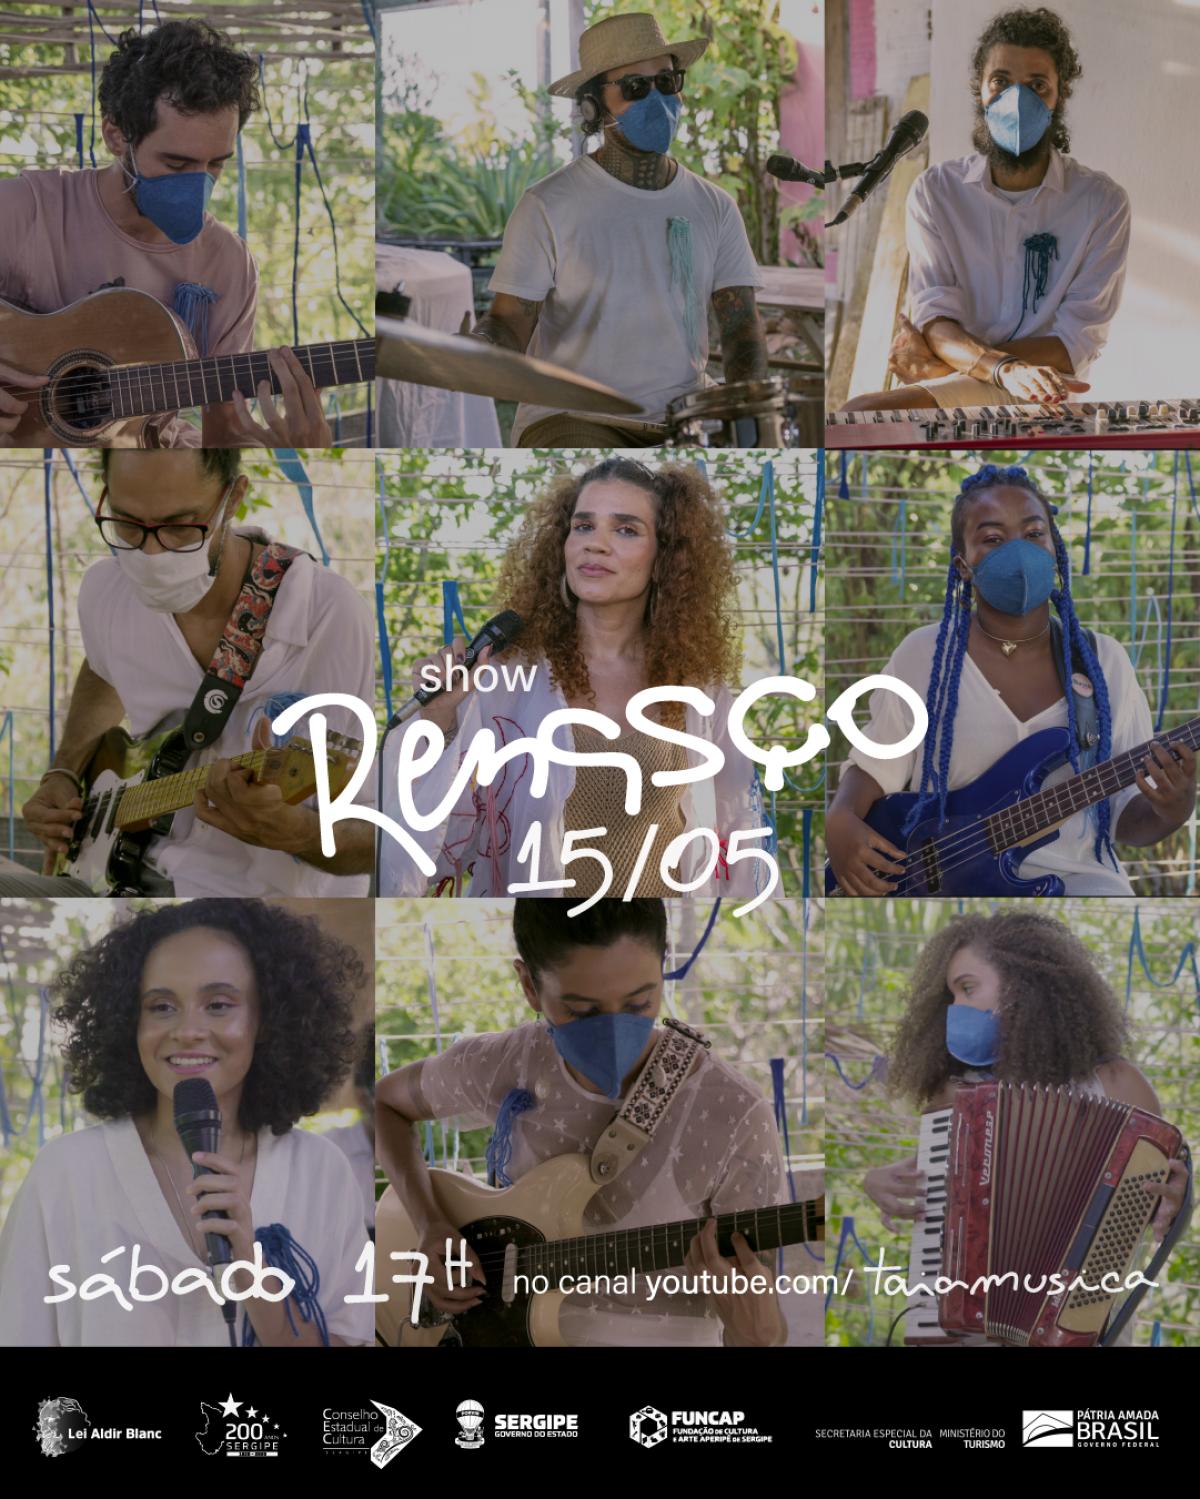 """Taia lança primeiro show autoral com músicas do seu mais novo álbum """"Renasço"""" (Imagem: Divulgação)"""